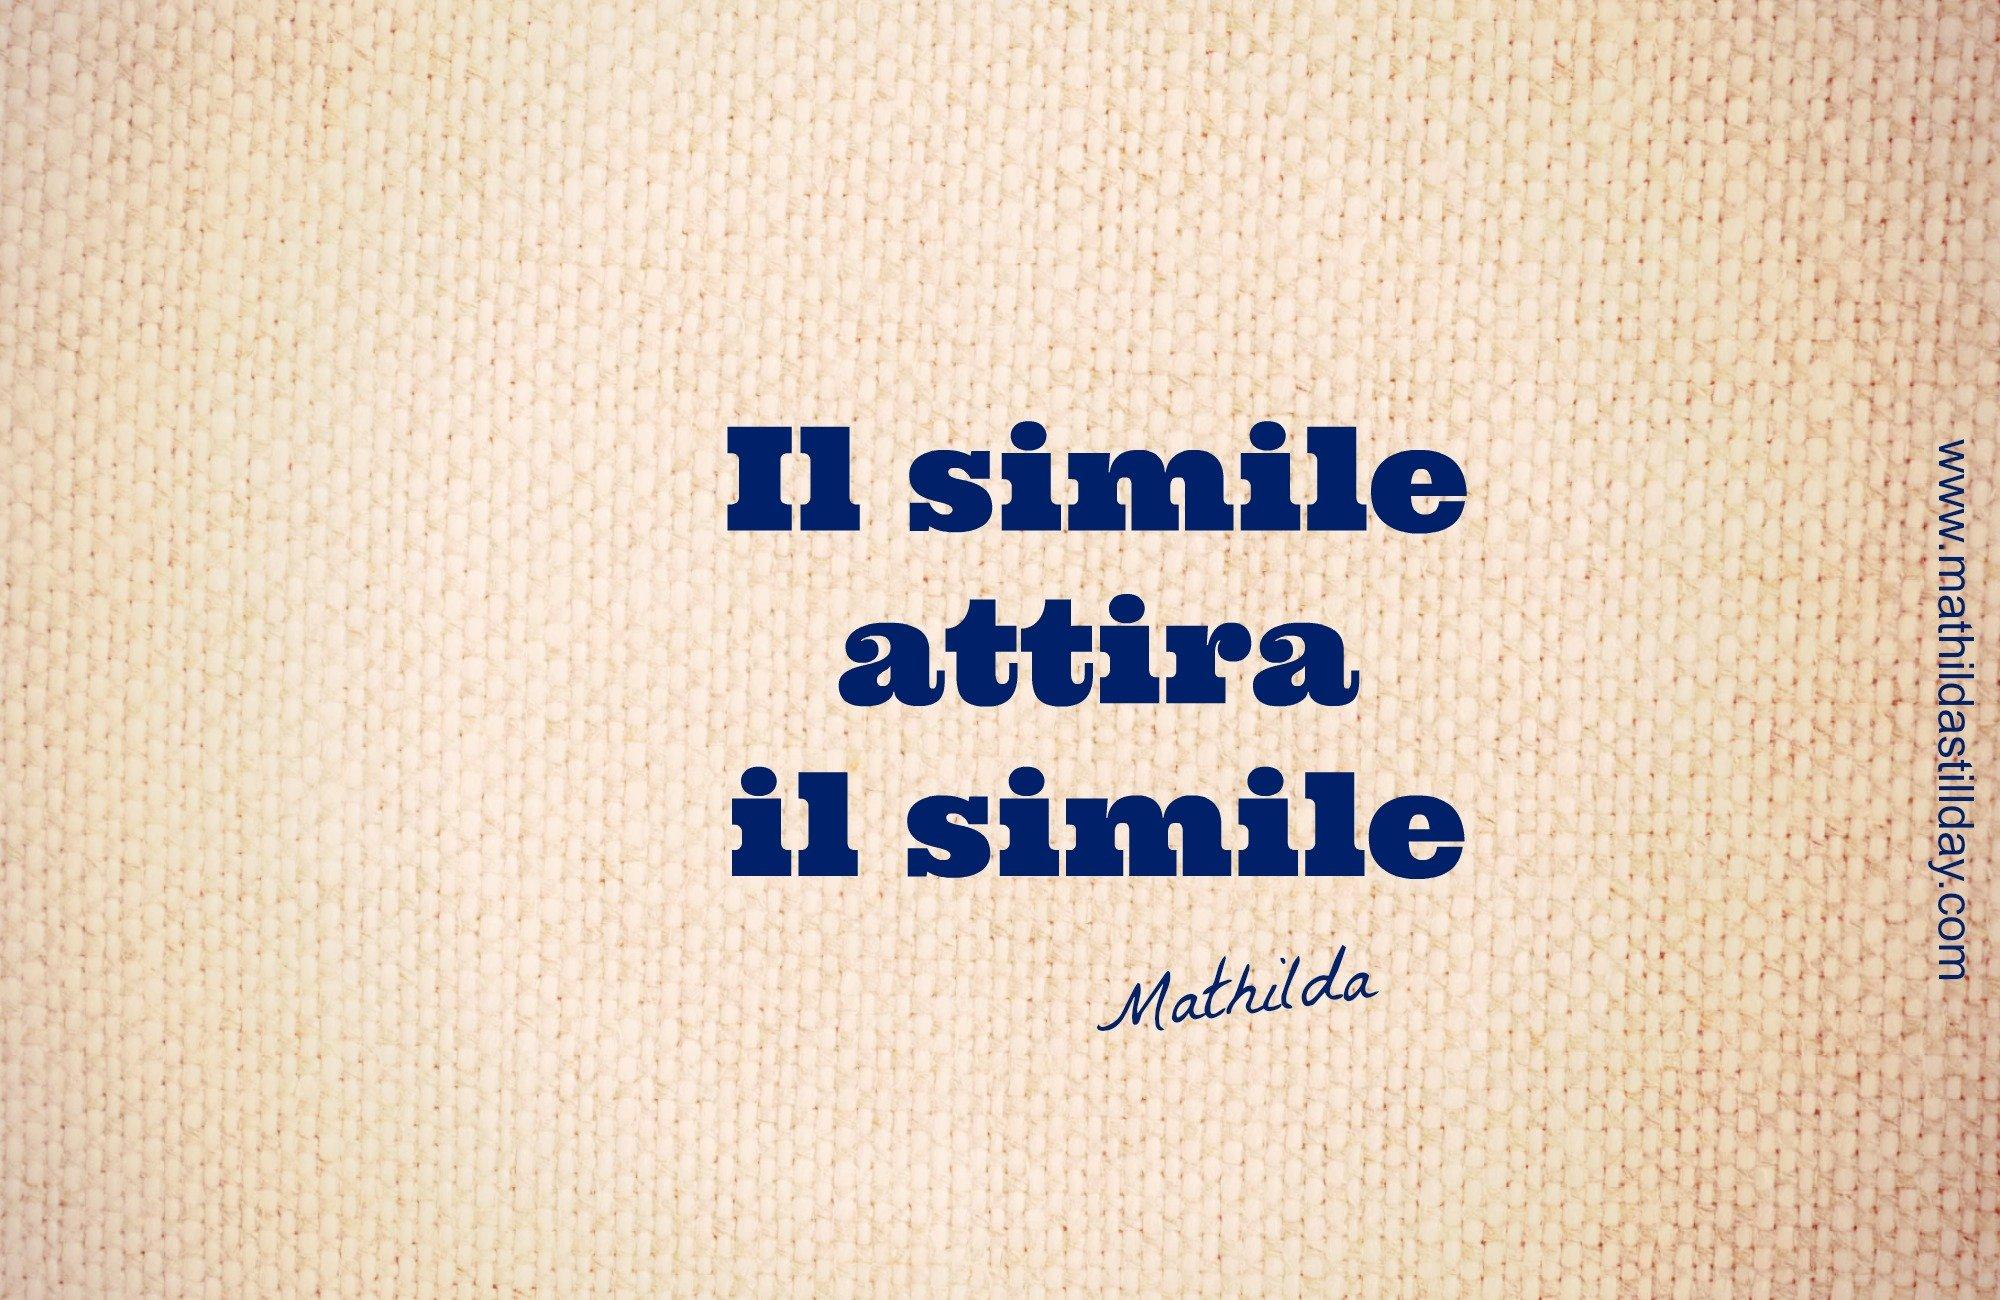 La legge dello specchio mathilda stillday - La legge dello specchio ...